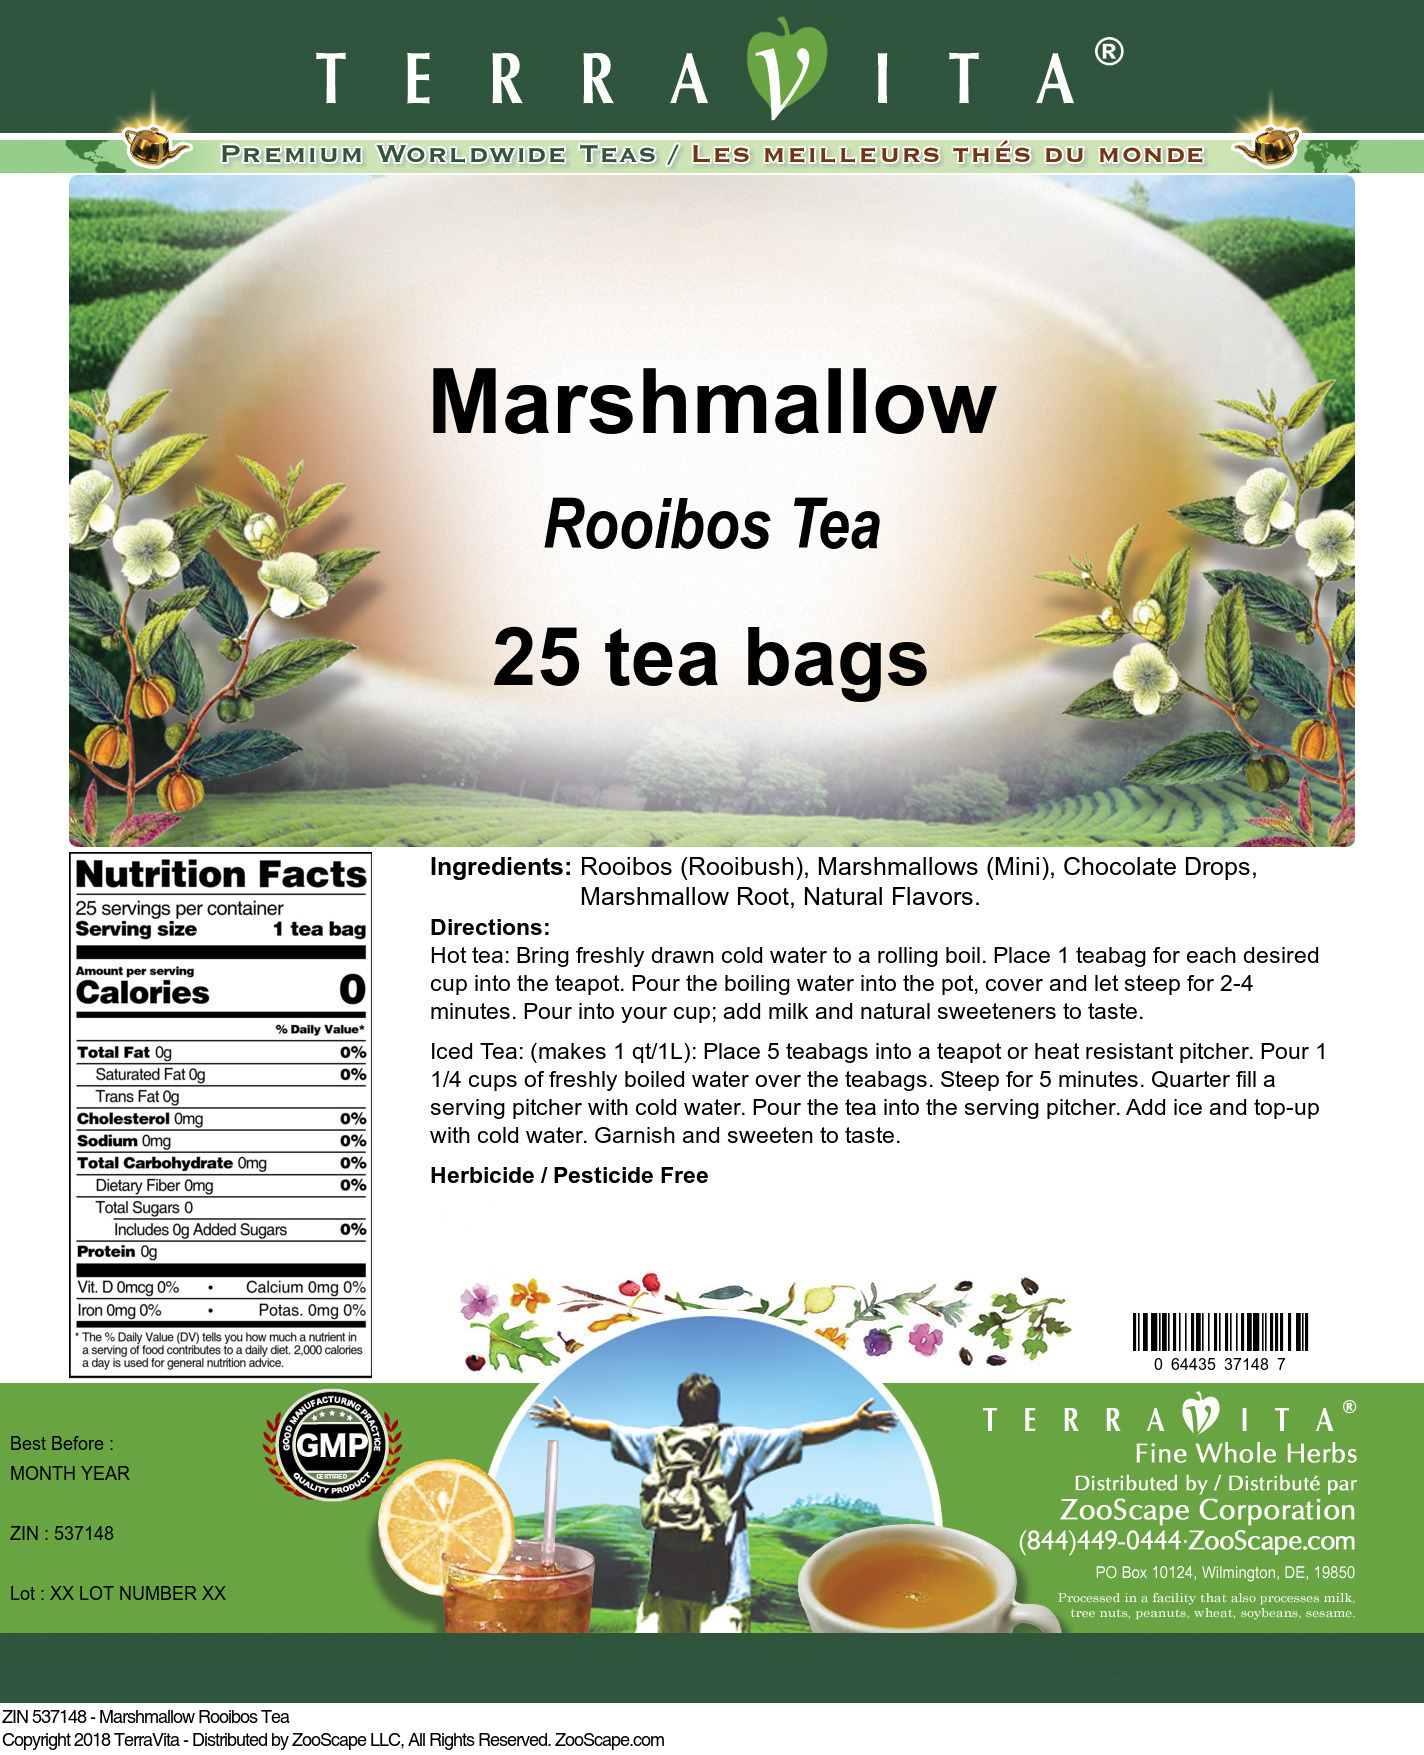 Marshmallow Rooibos Tea